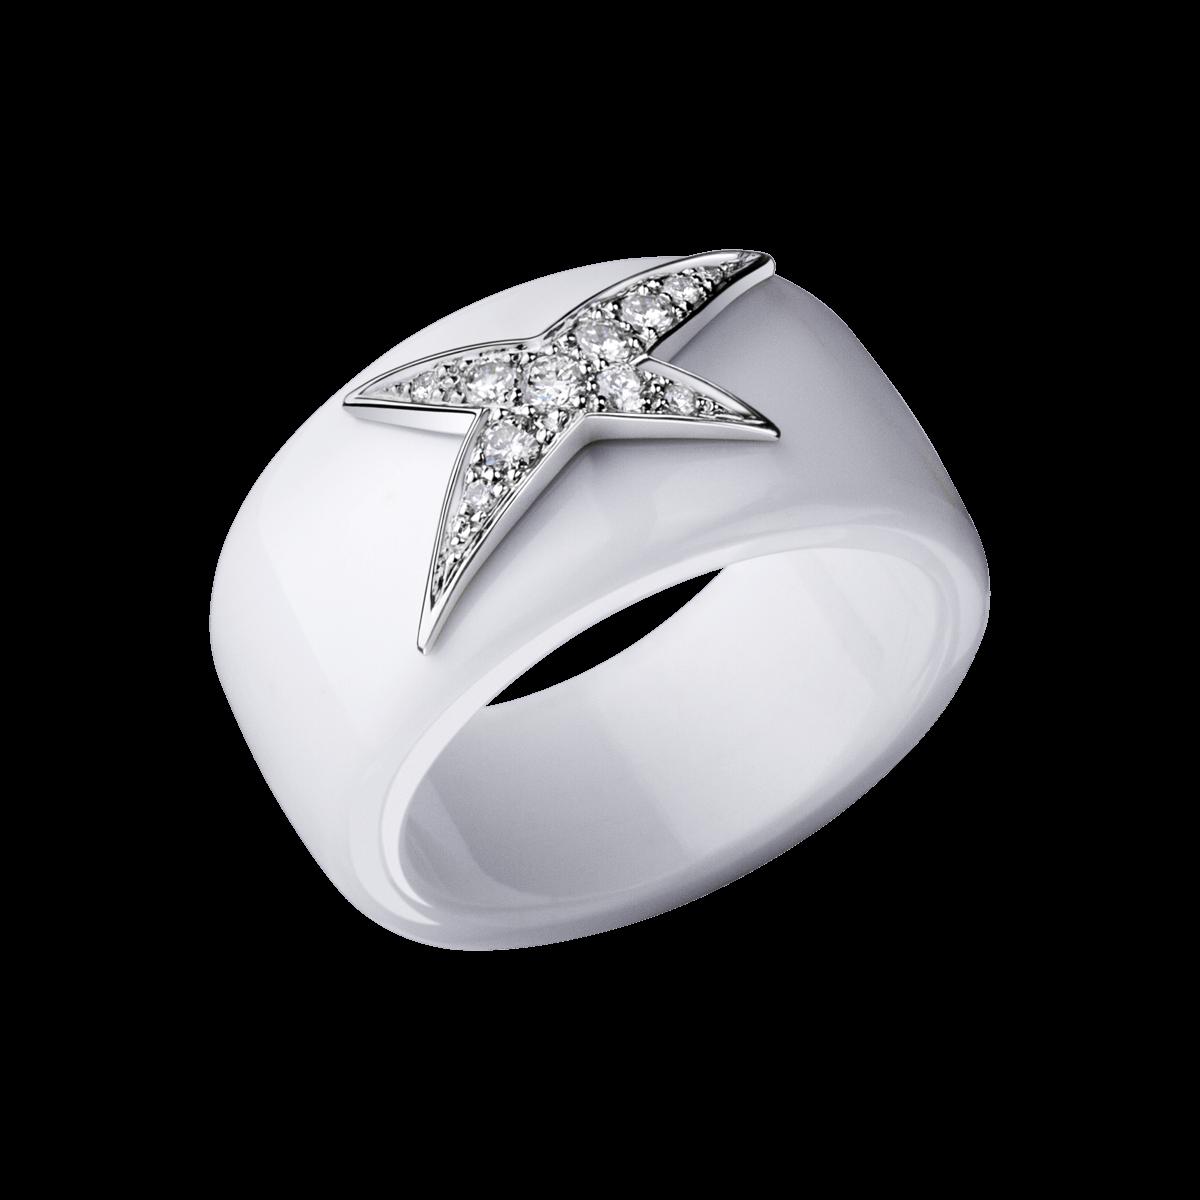 """Bague """"'Etoile de l'Ange"""", céramique blanche, étoile or blanc, pavage diamants - Mauboussin"""